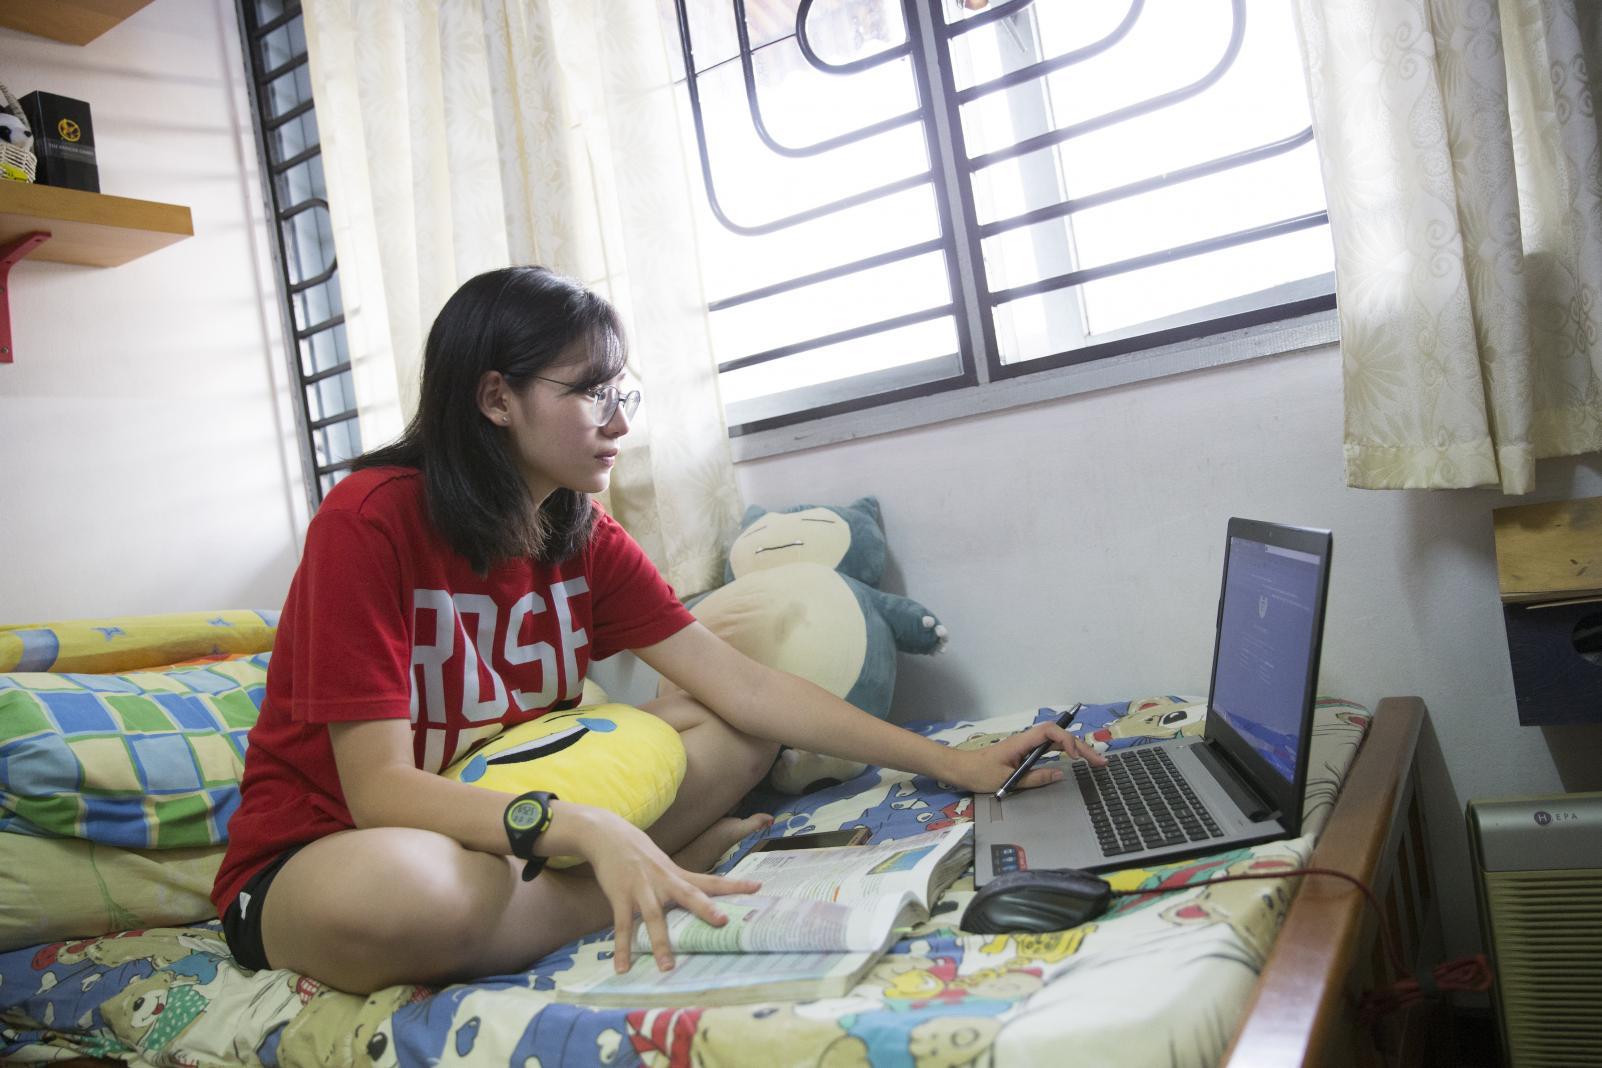 Comment les adolescents peuvent préserver leur santé mentale pendant l'épidémie de coronavirus